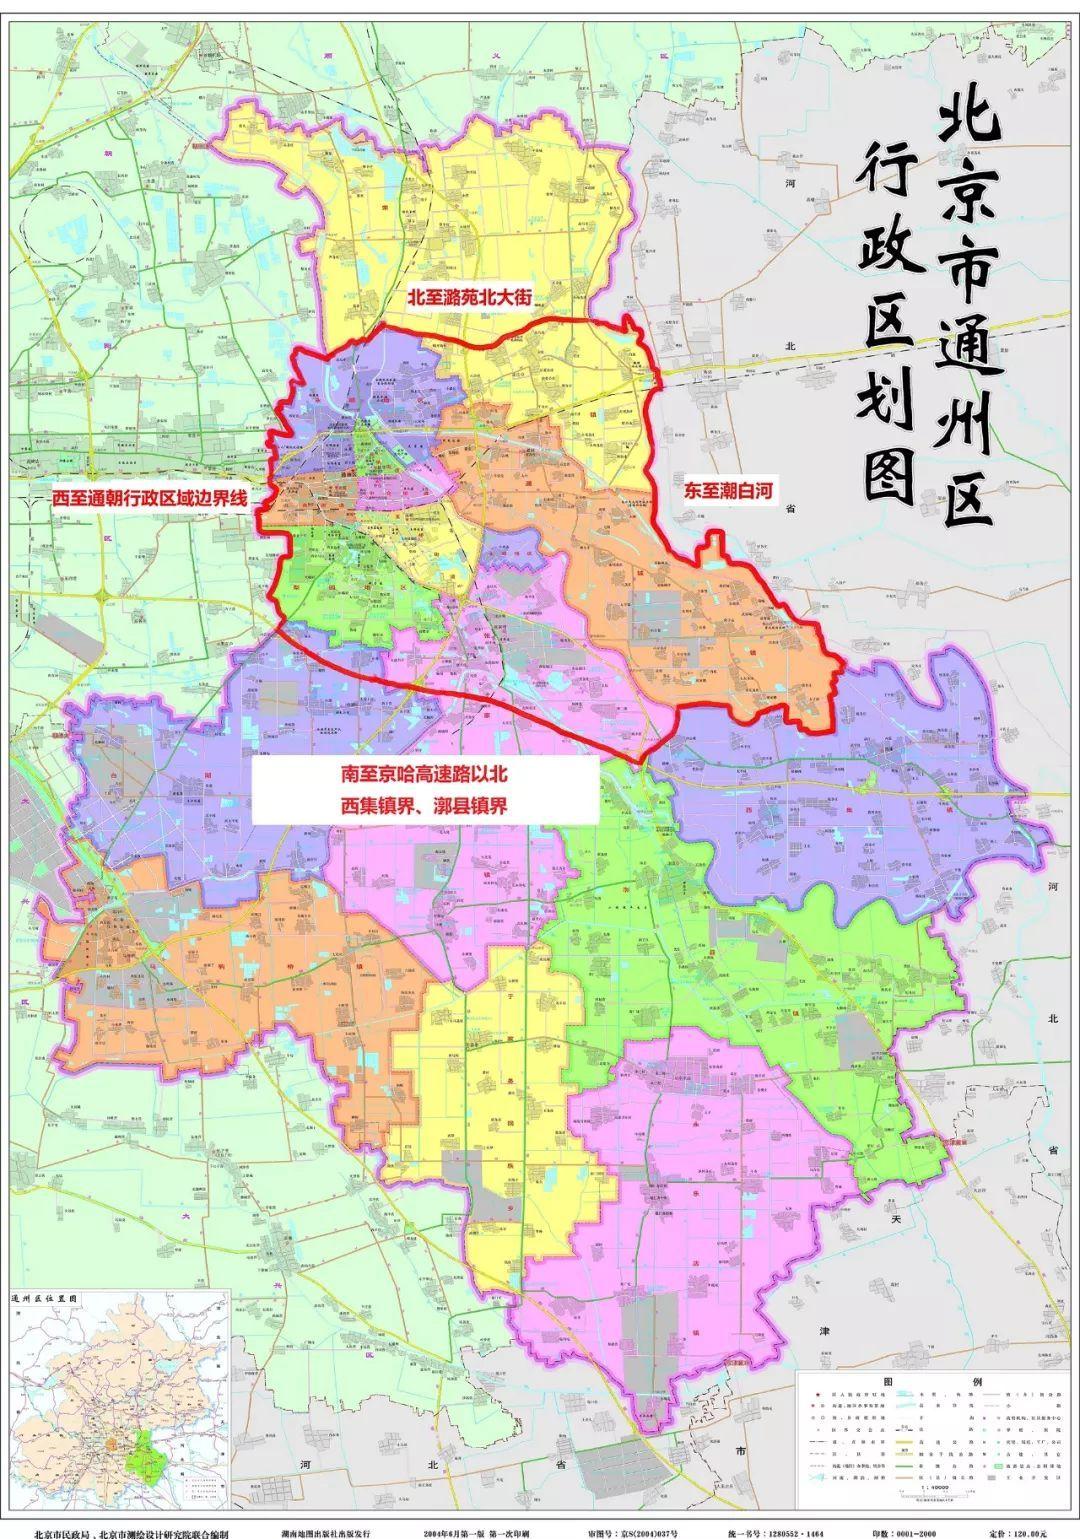 东至潮白河(含潮白河), 西至通朝行政区域边界线,北至潞苑北大街(含图片